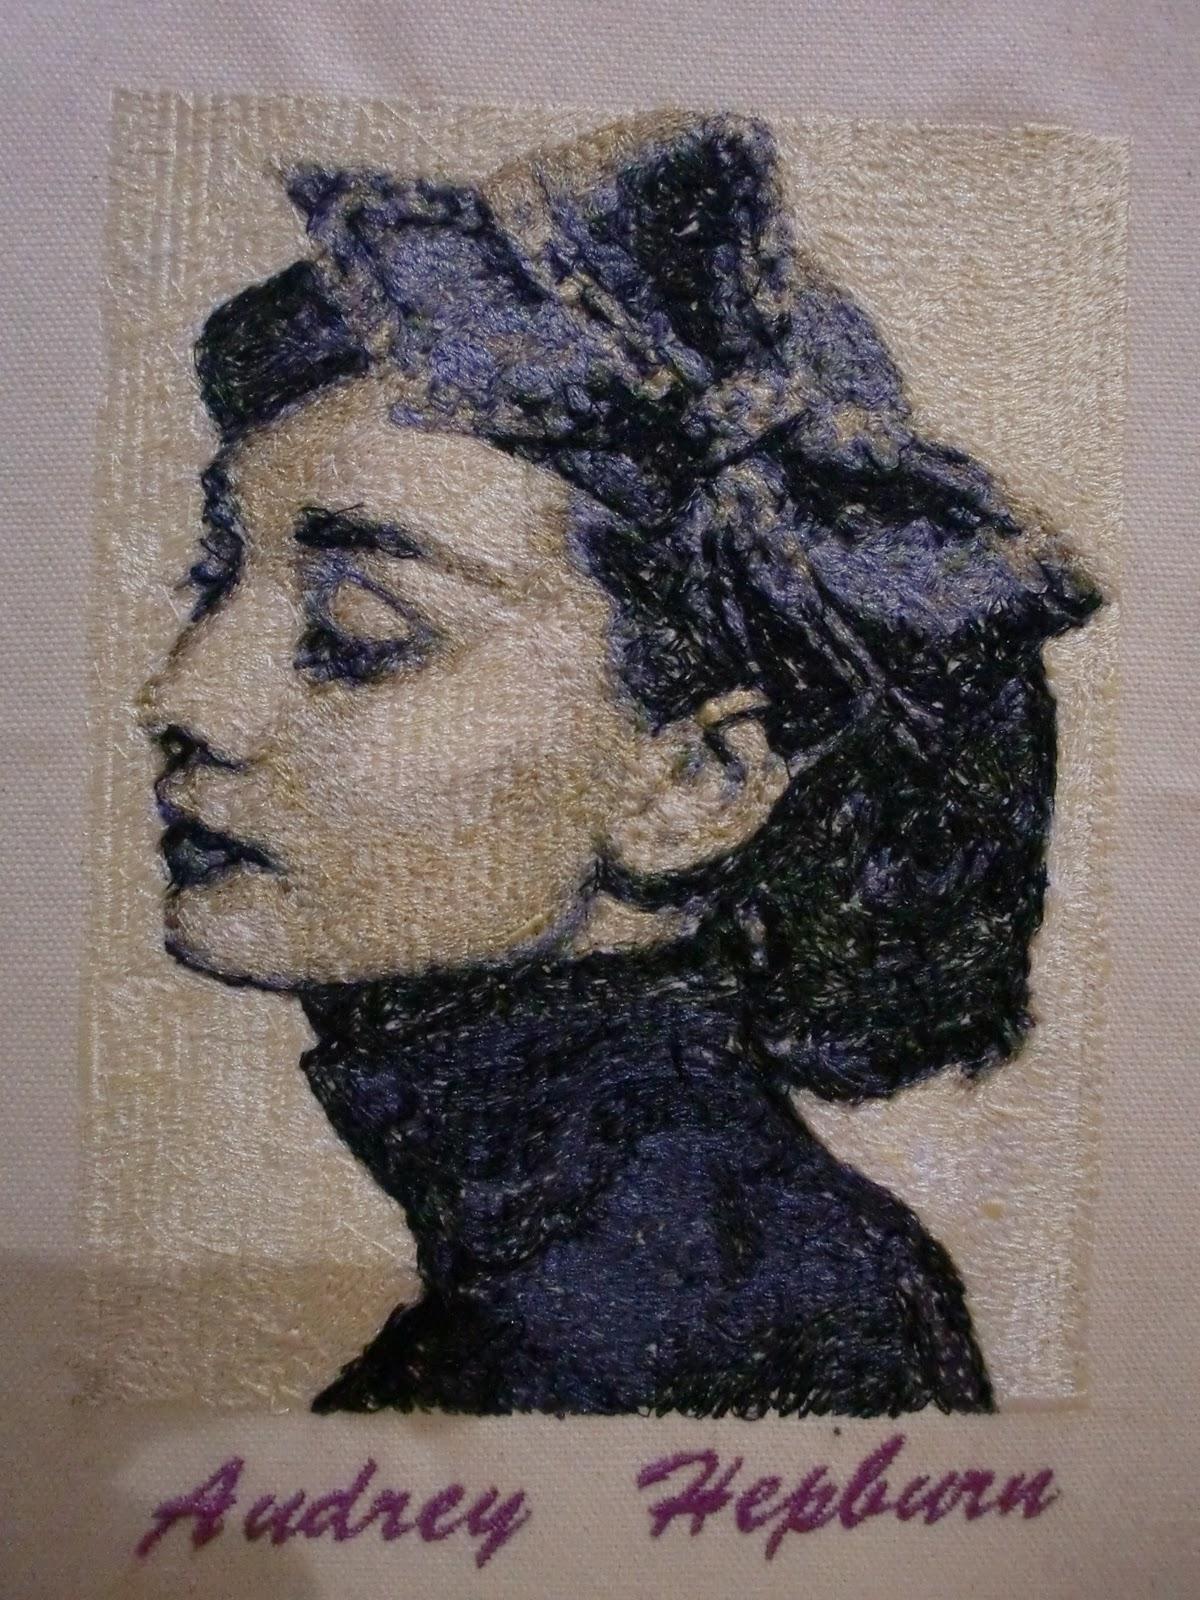 オードリー・ヘプバーン(Audrey Hepburn)